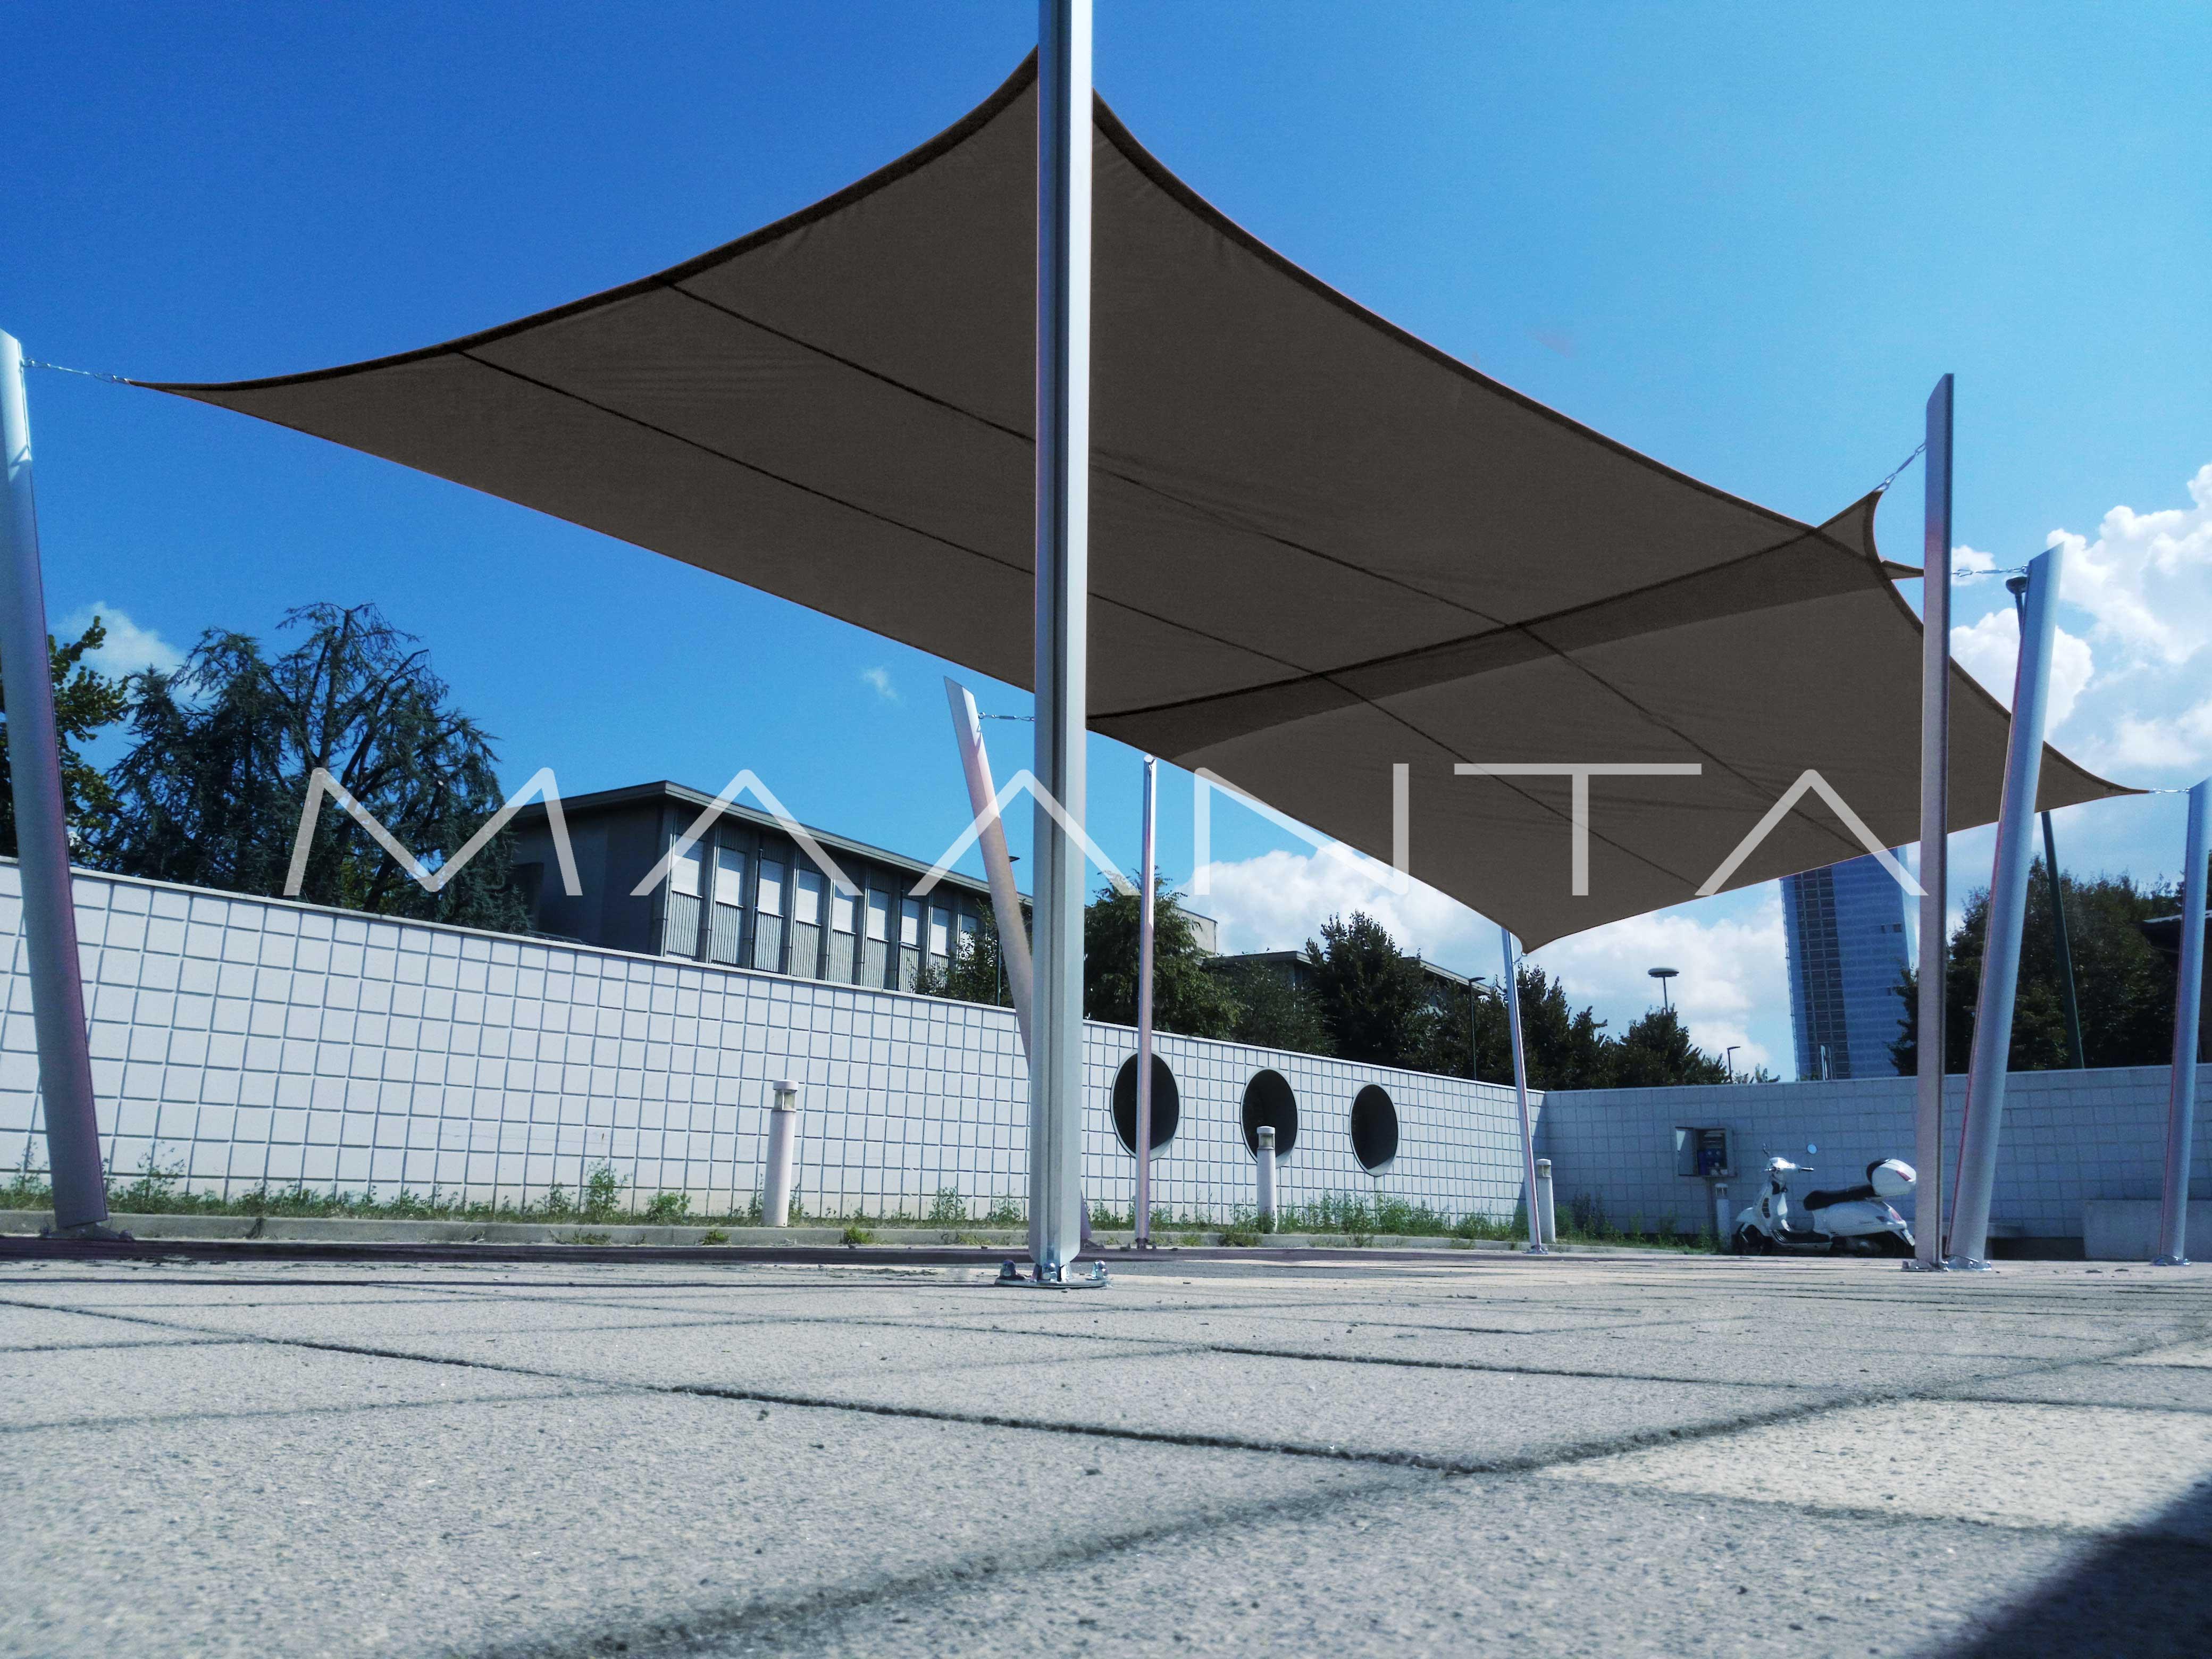 Easyshade vela impermeabile 160gr a 4 lembi maanta - Tende da sole per balconi ikea ...